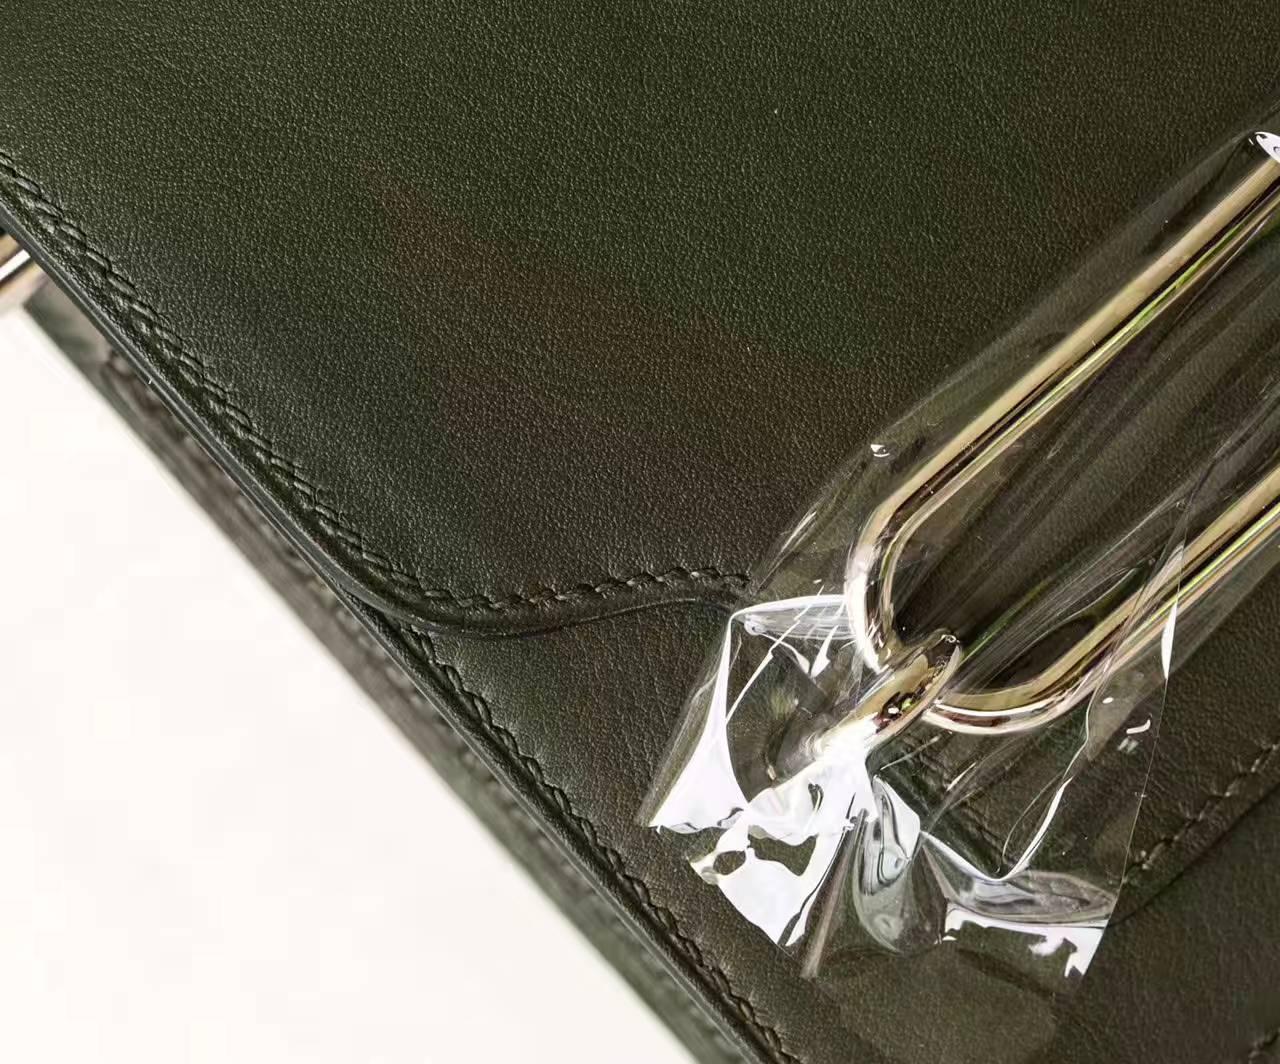 爱马仕女包价格 Hermes英国绿原厂Swift牛皮猪鼻子包Roulis 19cm